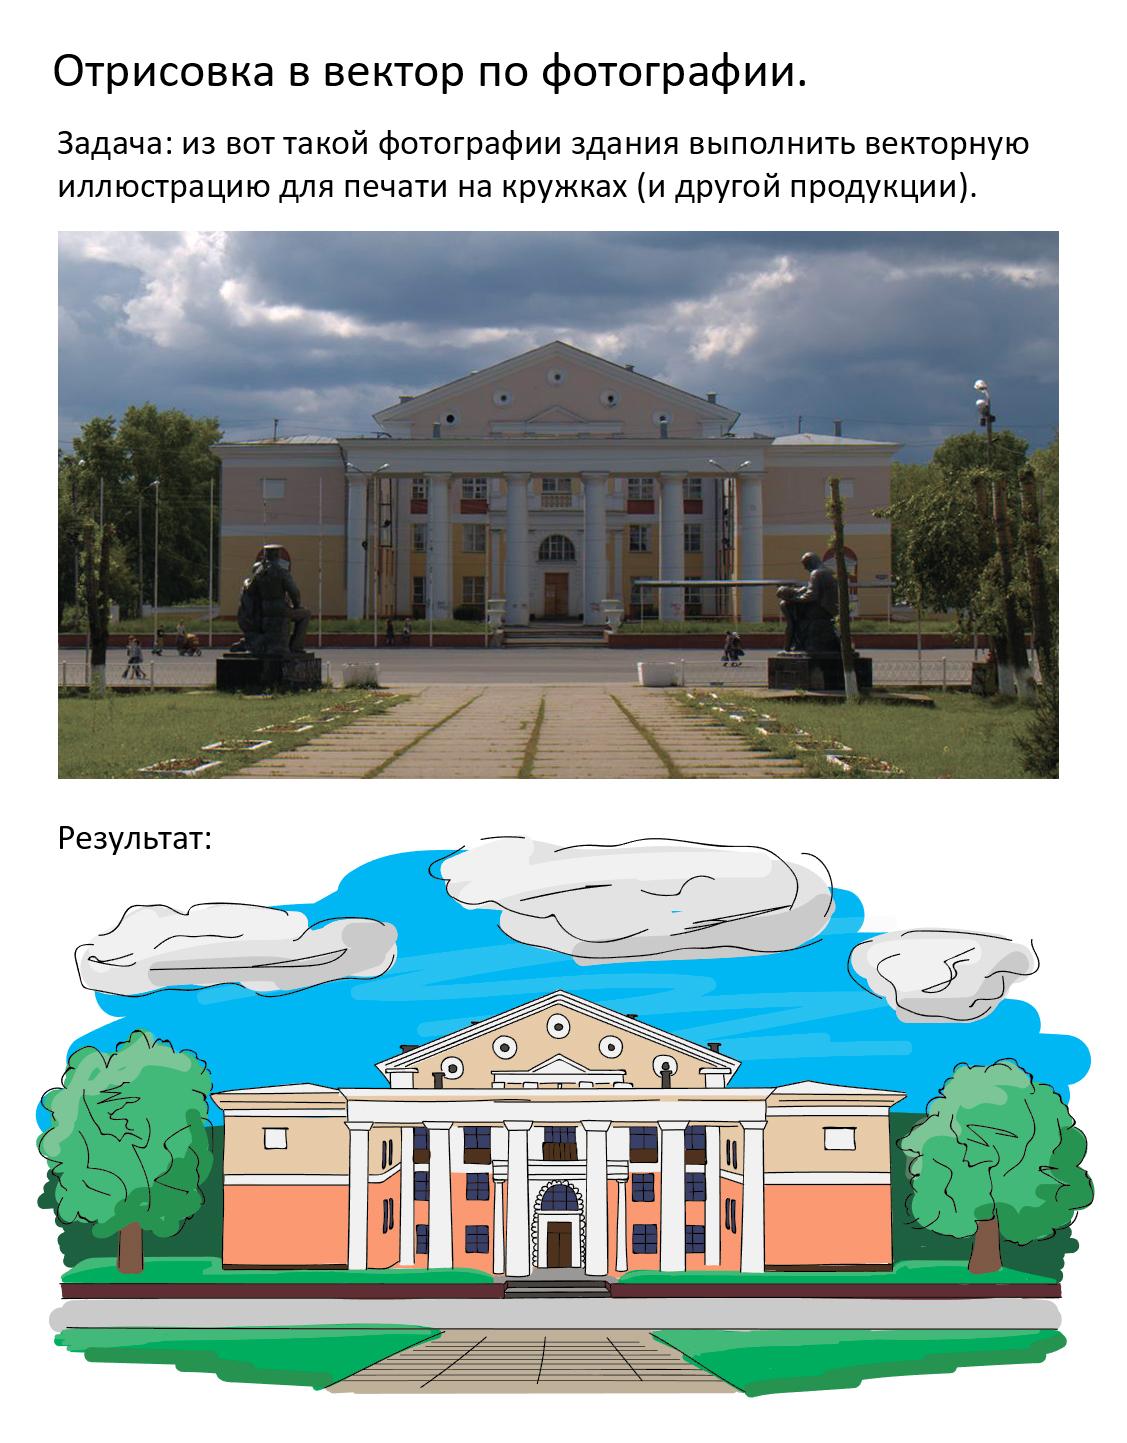 Отрисовка здания в векторе (для кружек)